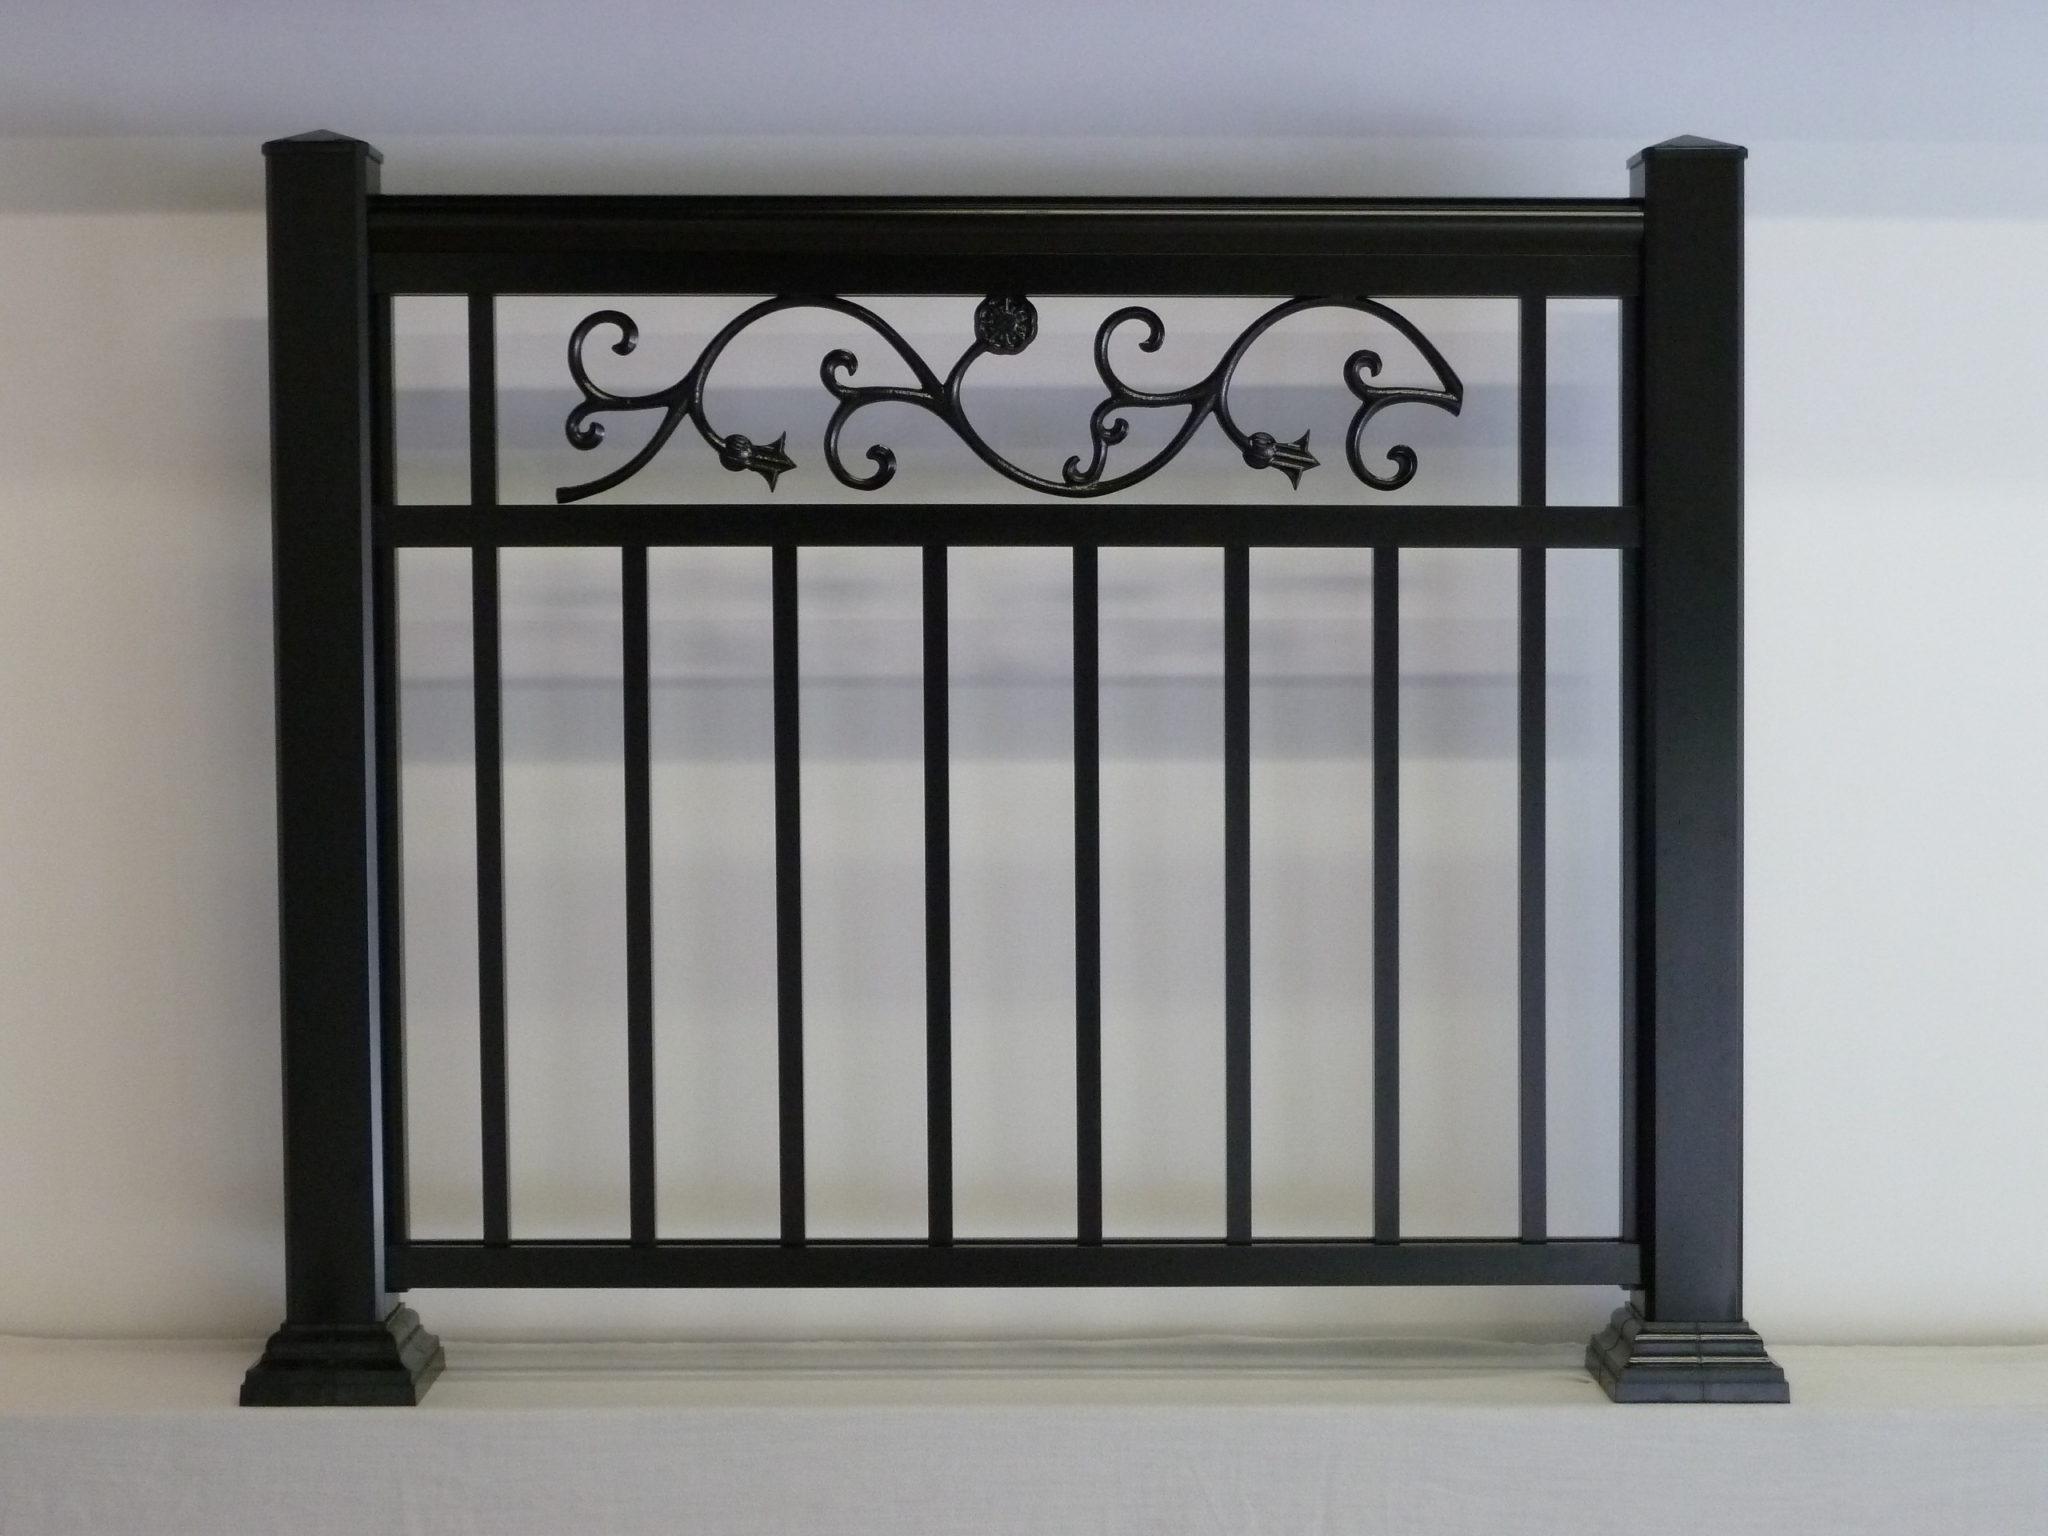 Large leaf design pattern on aluminum railings